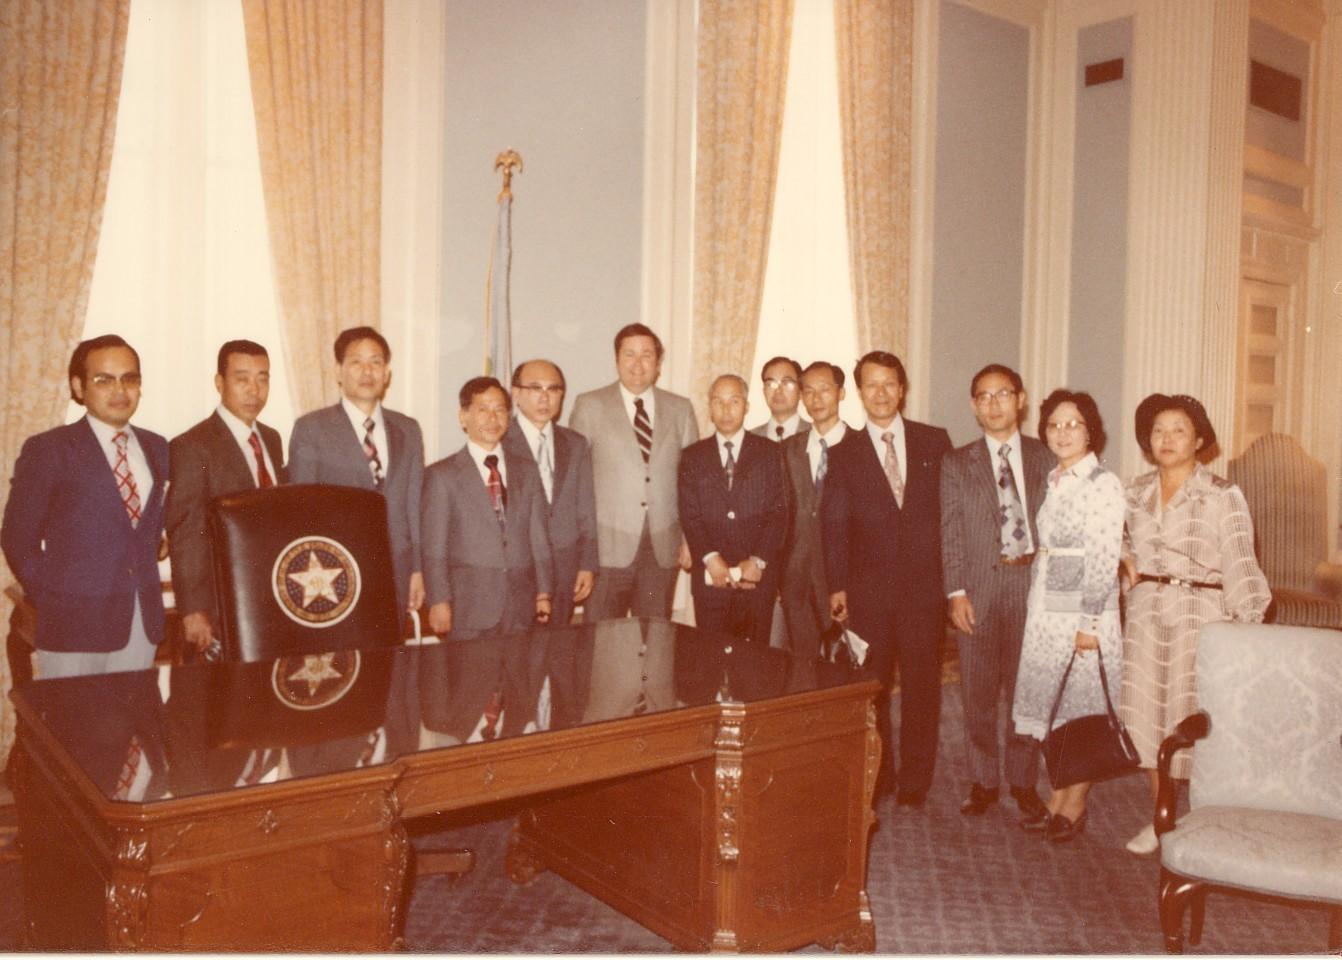 ボーレン・オクラホマ州知事を表敬訪問(1977年10月)